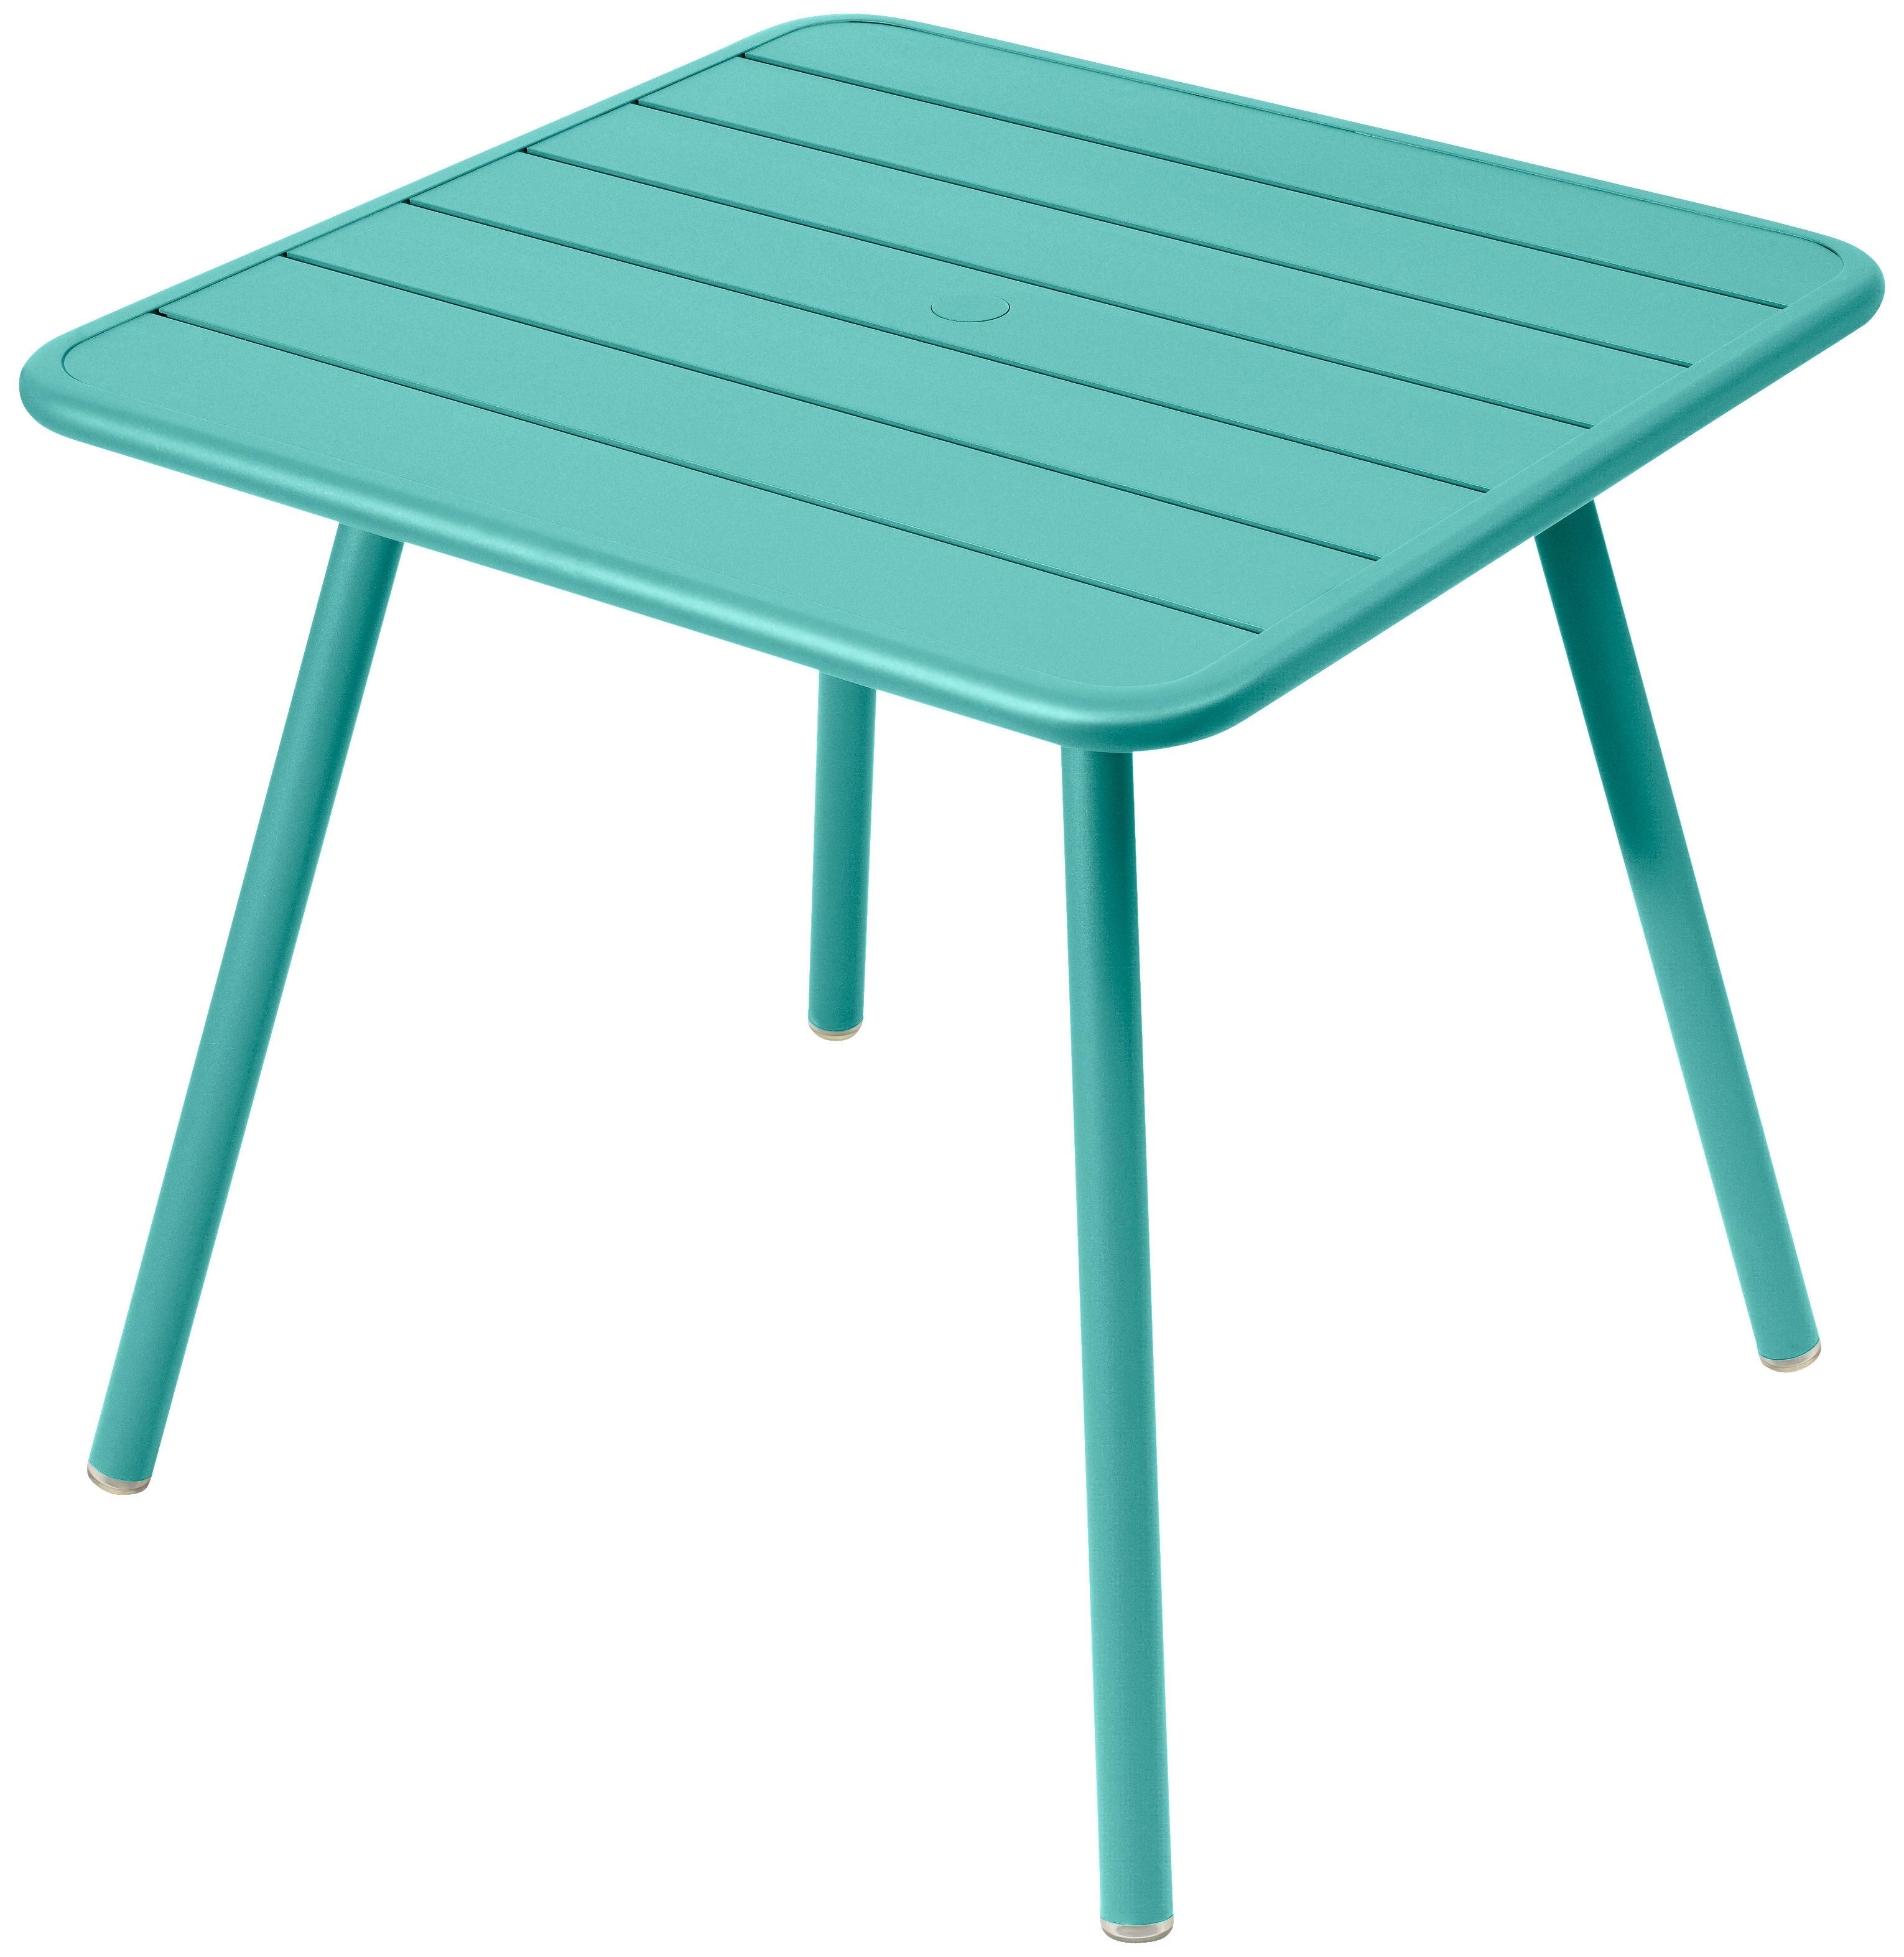 luxembourg 80 x 80 cm 4 tischbeine fermob tisch. Black Bedroom Furniture Sets. Home Design Ideas